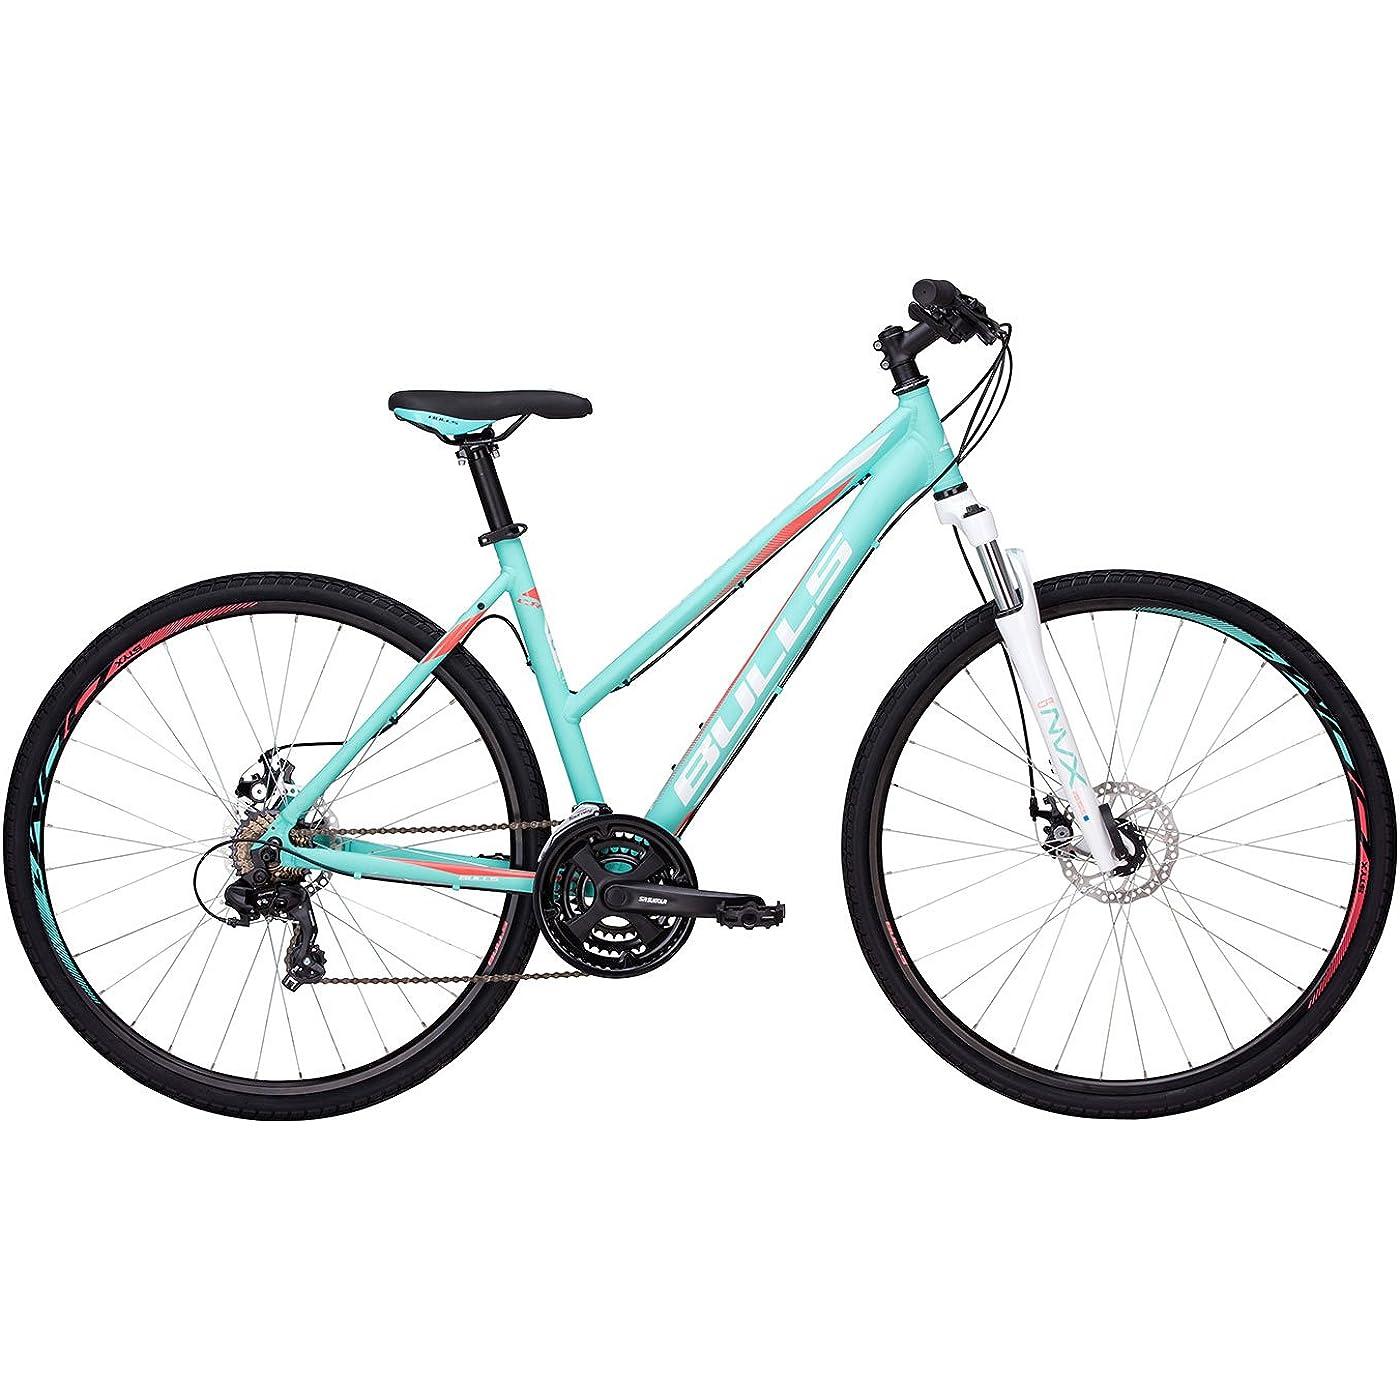 Ein gutes Trekkingrad bekommen Sie bei dem Hersteller Bulls.